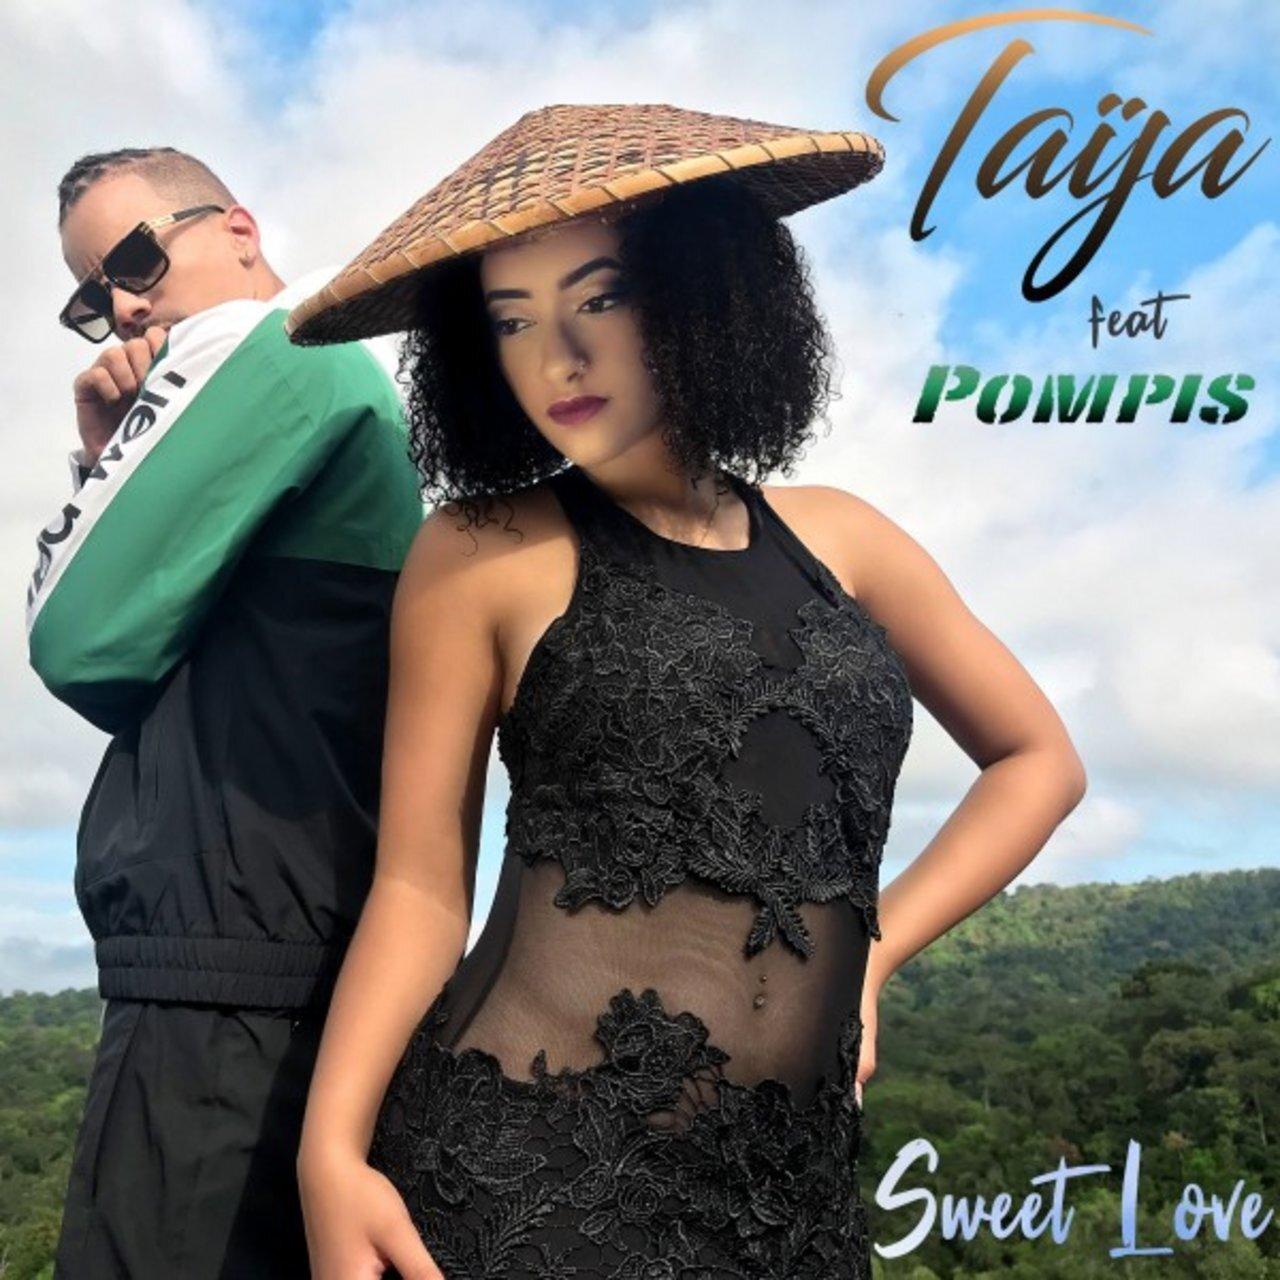 Taïja - Sweet Love (ft. Pompis)